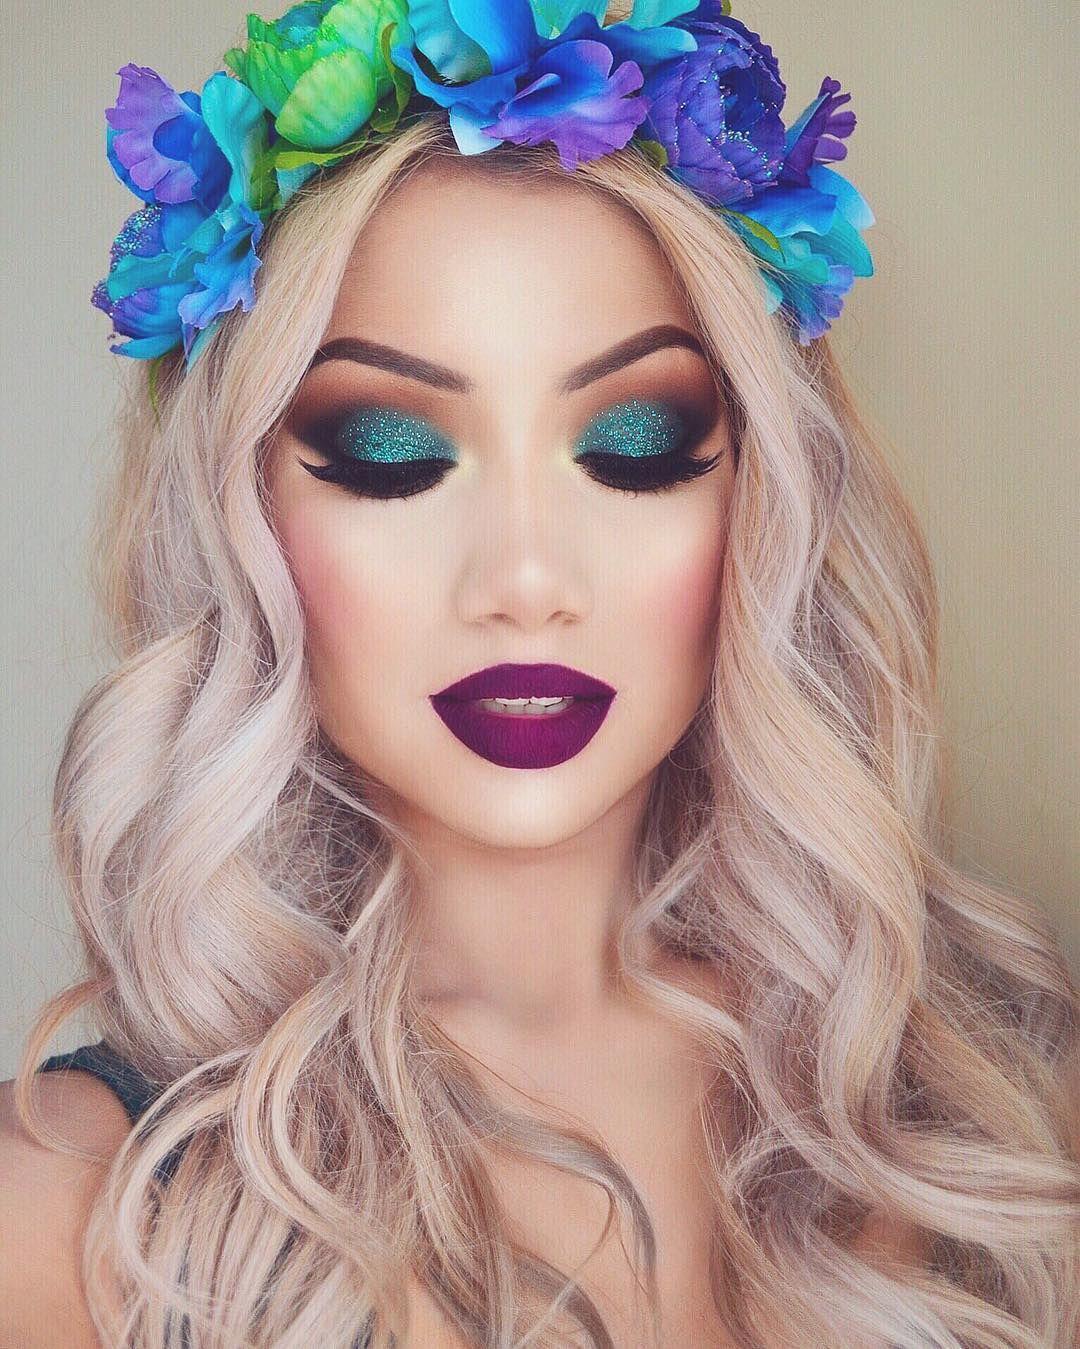 15 Looks de sombras casi tan perfectos que te motivarán a maquillarte más seguido